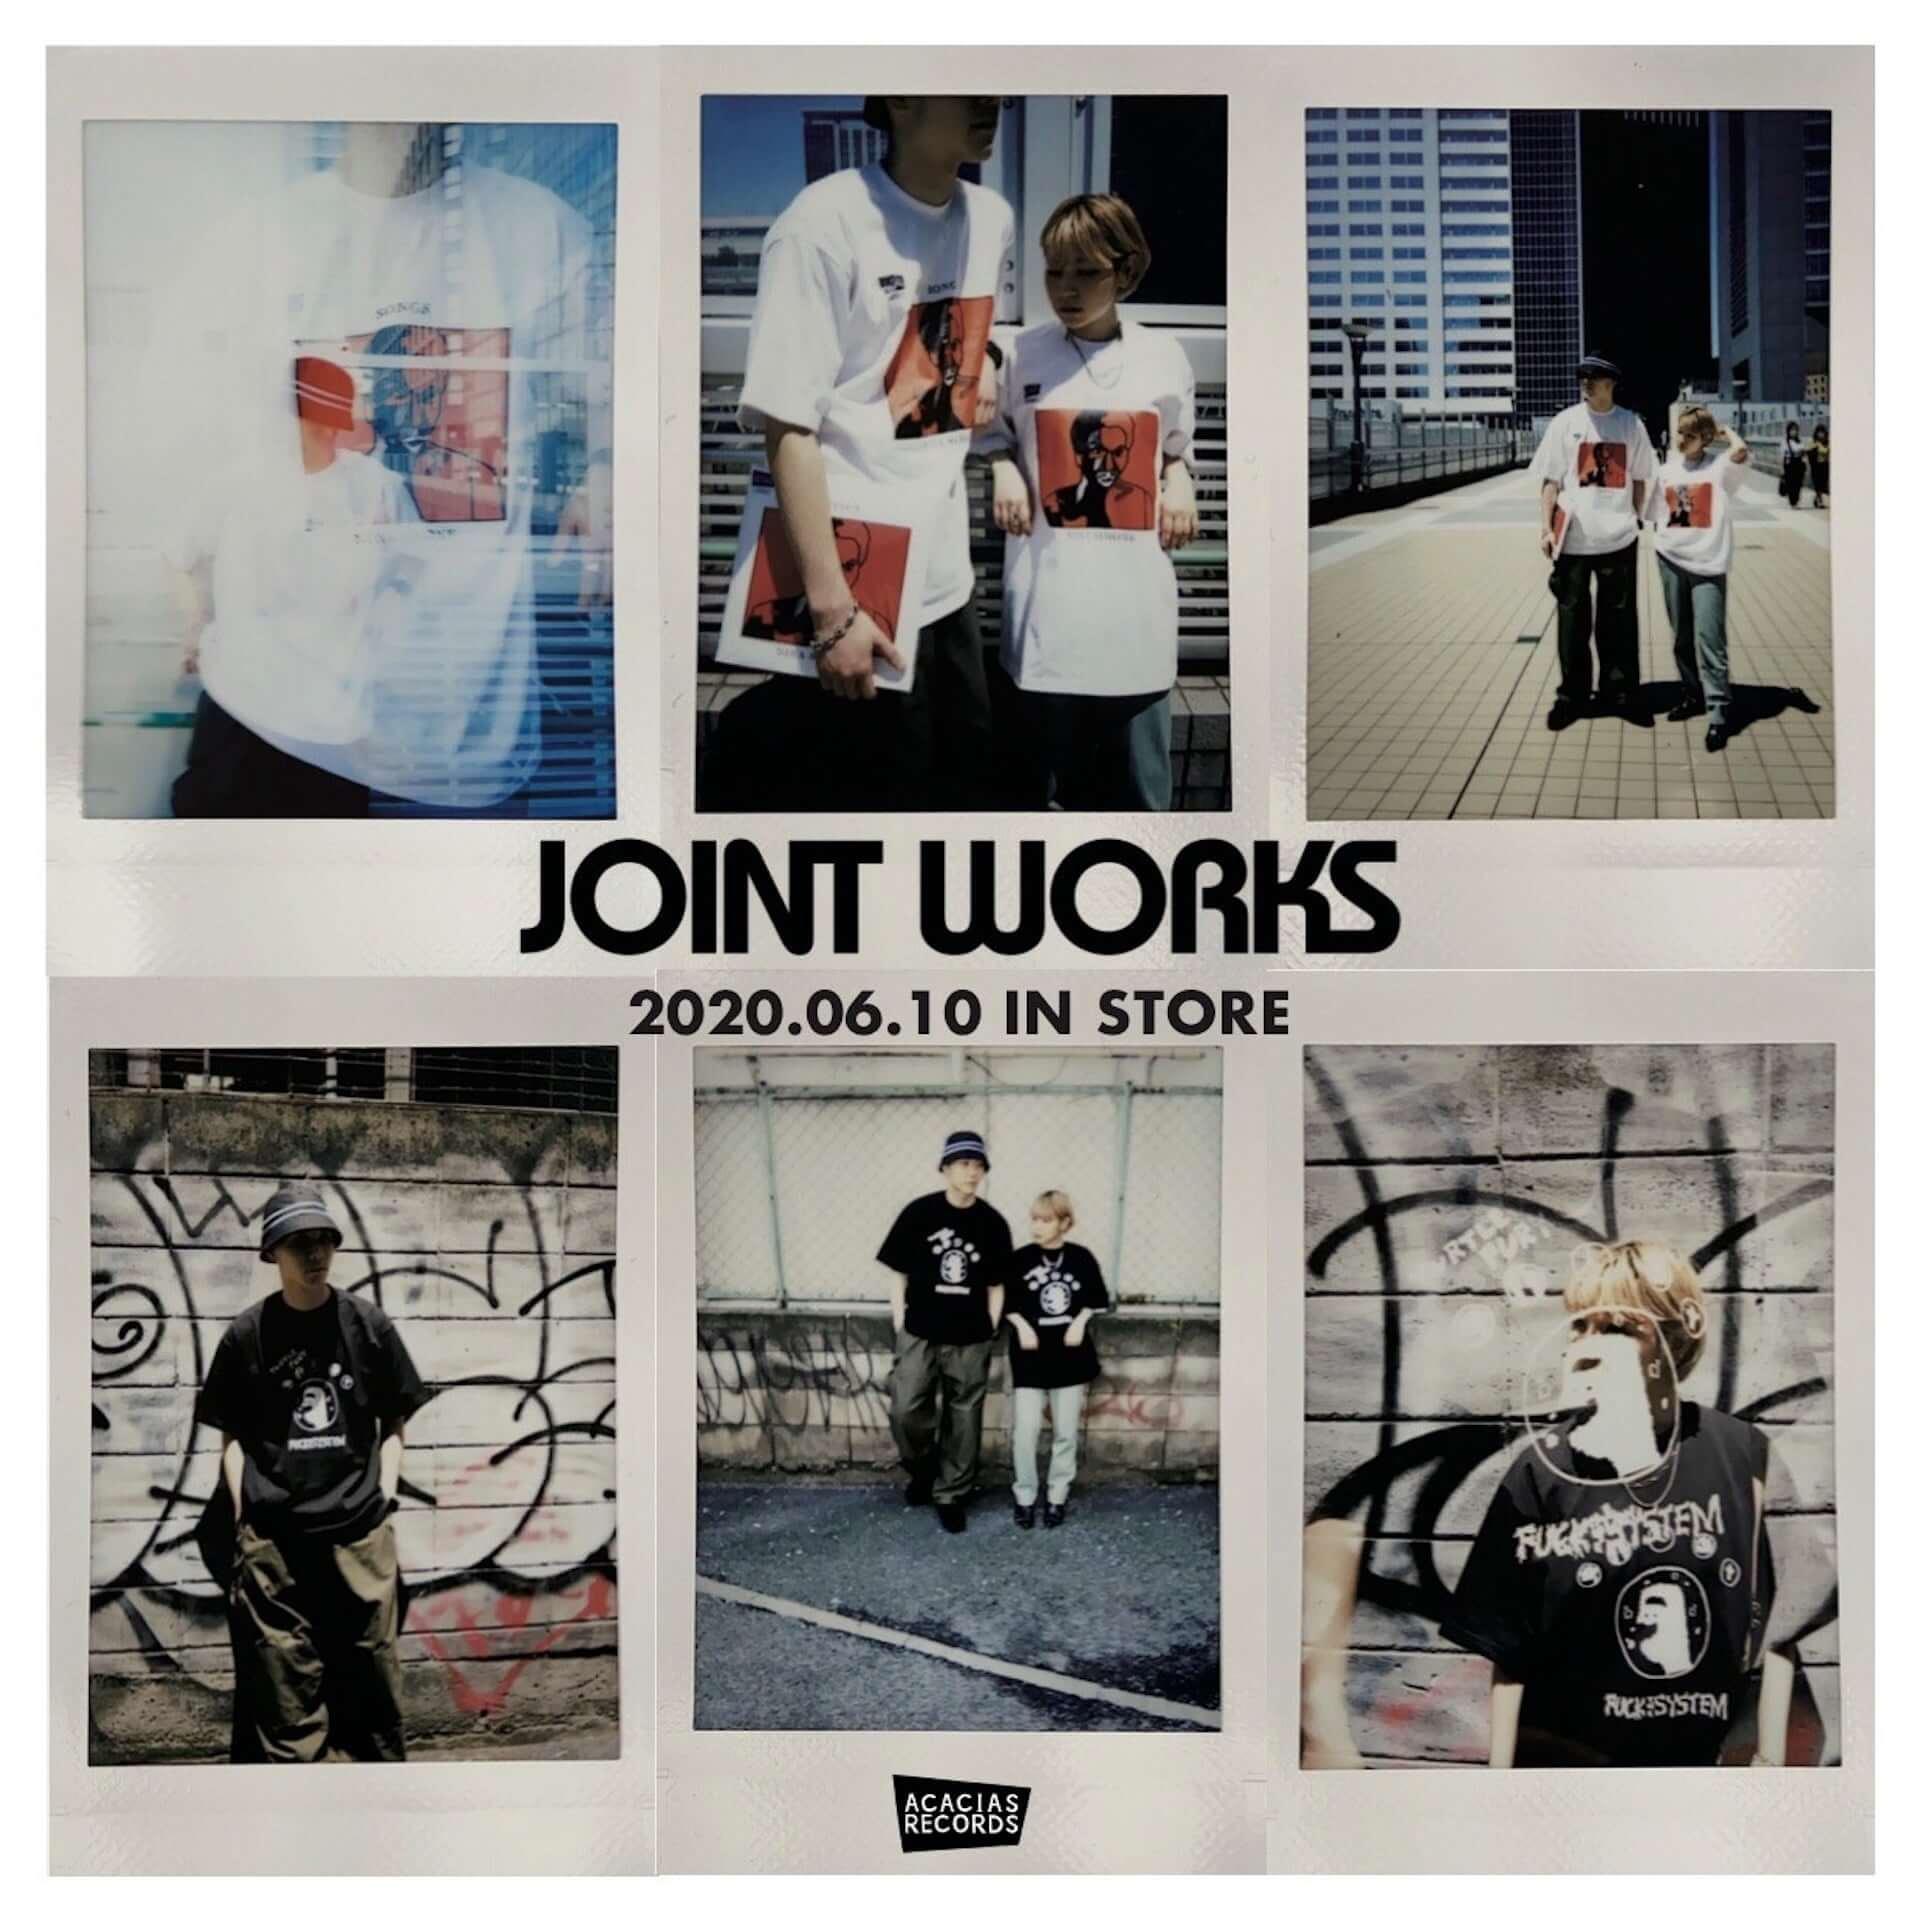 架空のレコードショップ・ACACIAS RECORDSのTシャツがJOINT WORKSにて販売決定|先着でステッカーもプレゼント lf200609_acaciasrecords_2-1920x1920